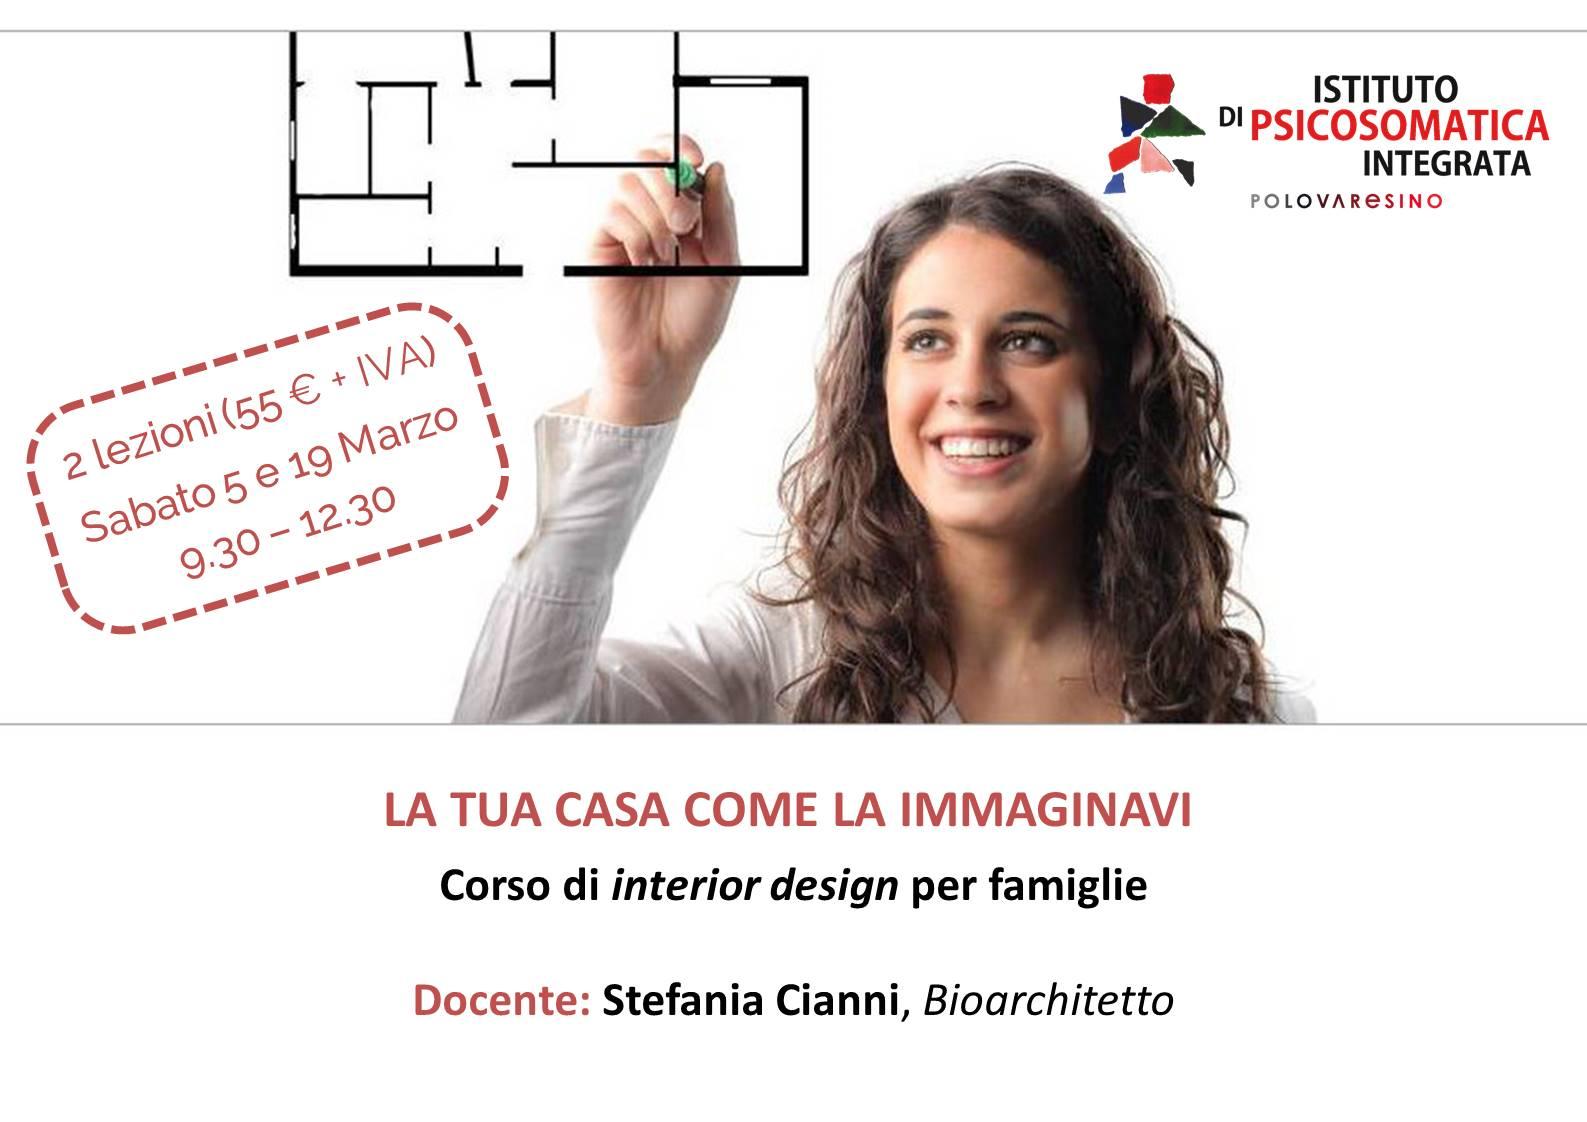 Corso di interior design per famiglie la tua casa come la for Corso interior design napoli